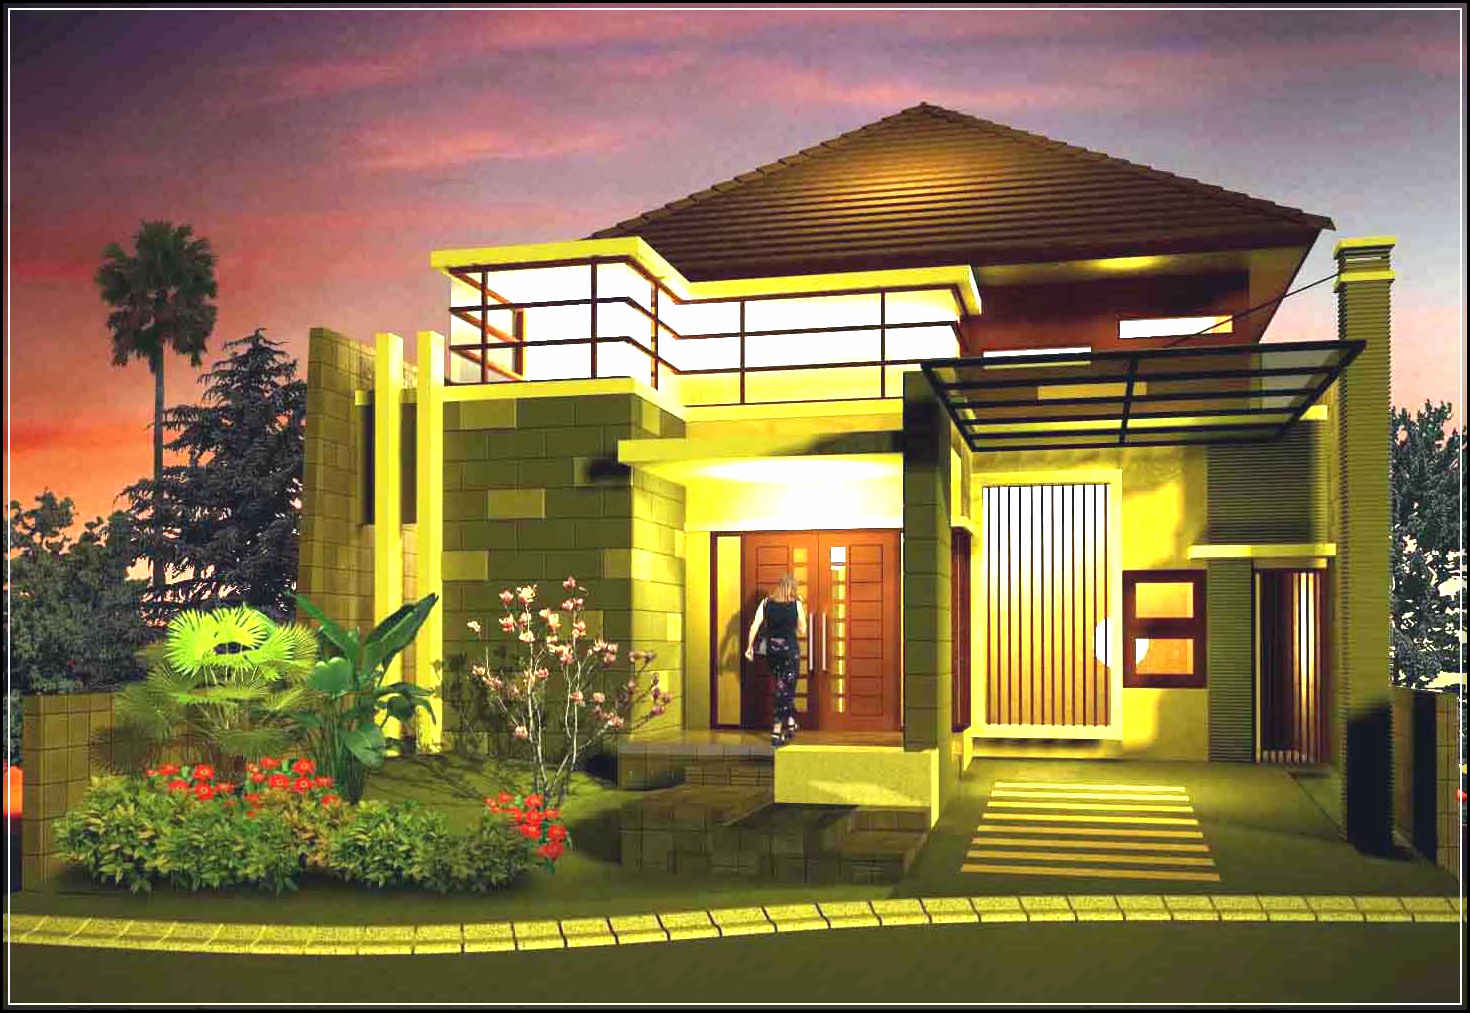 4800 Desain Taman Depan Rumah Mewah Minimalis Terbaik